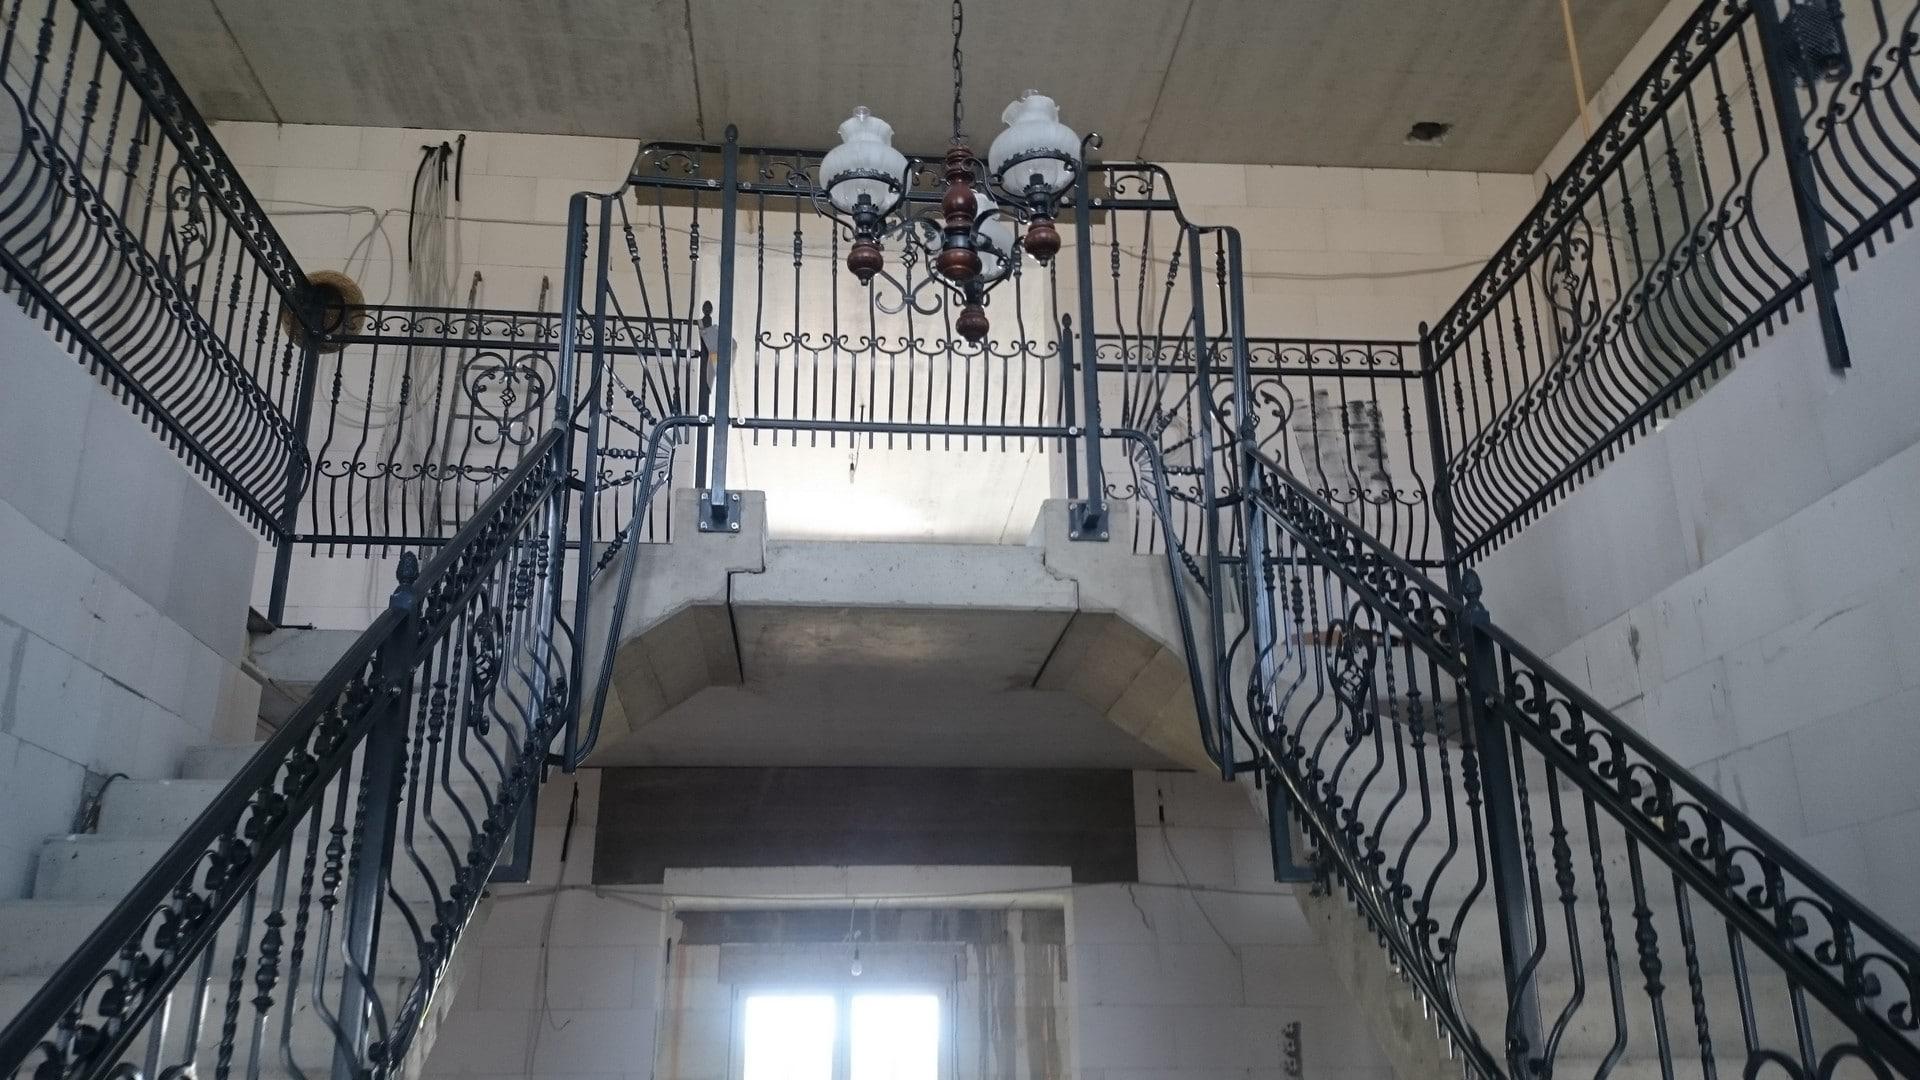 neues Treppengeländer und Balustrade in einem neu errichteten Gebäude